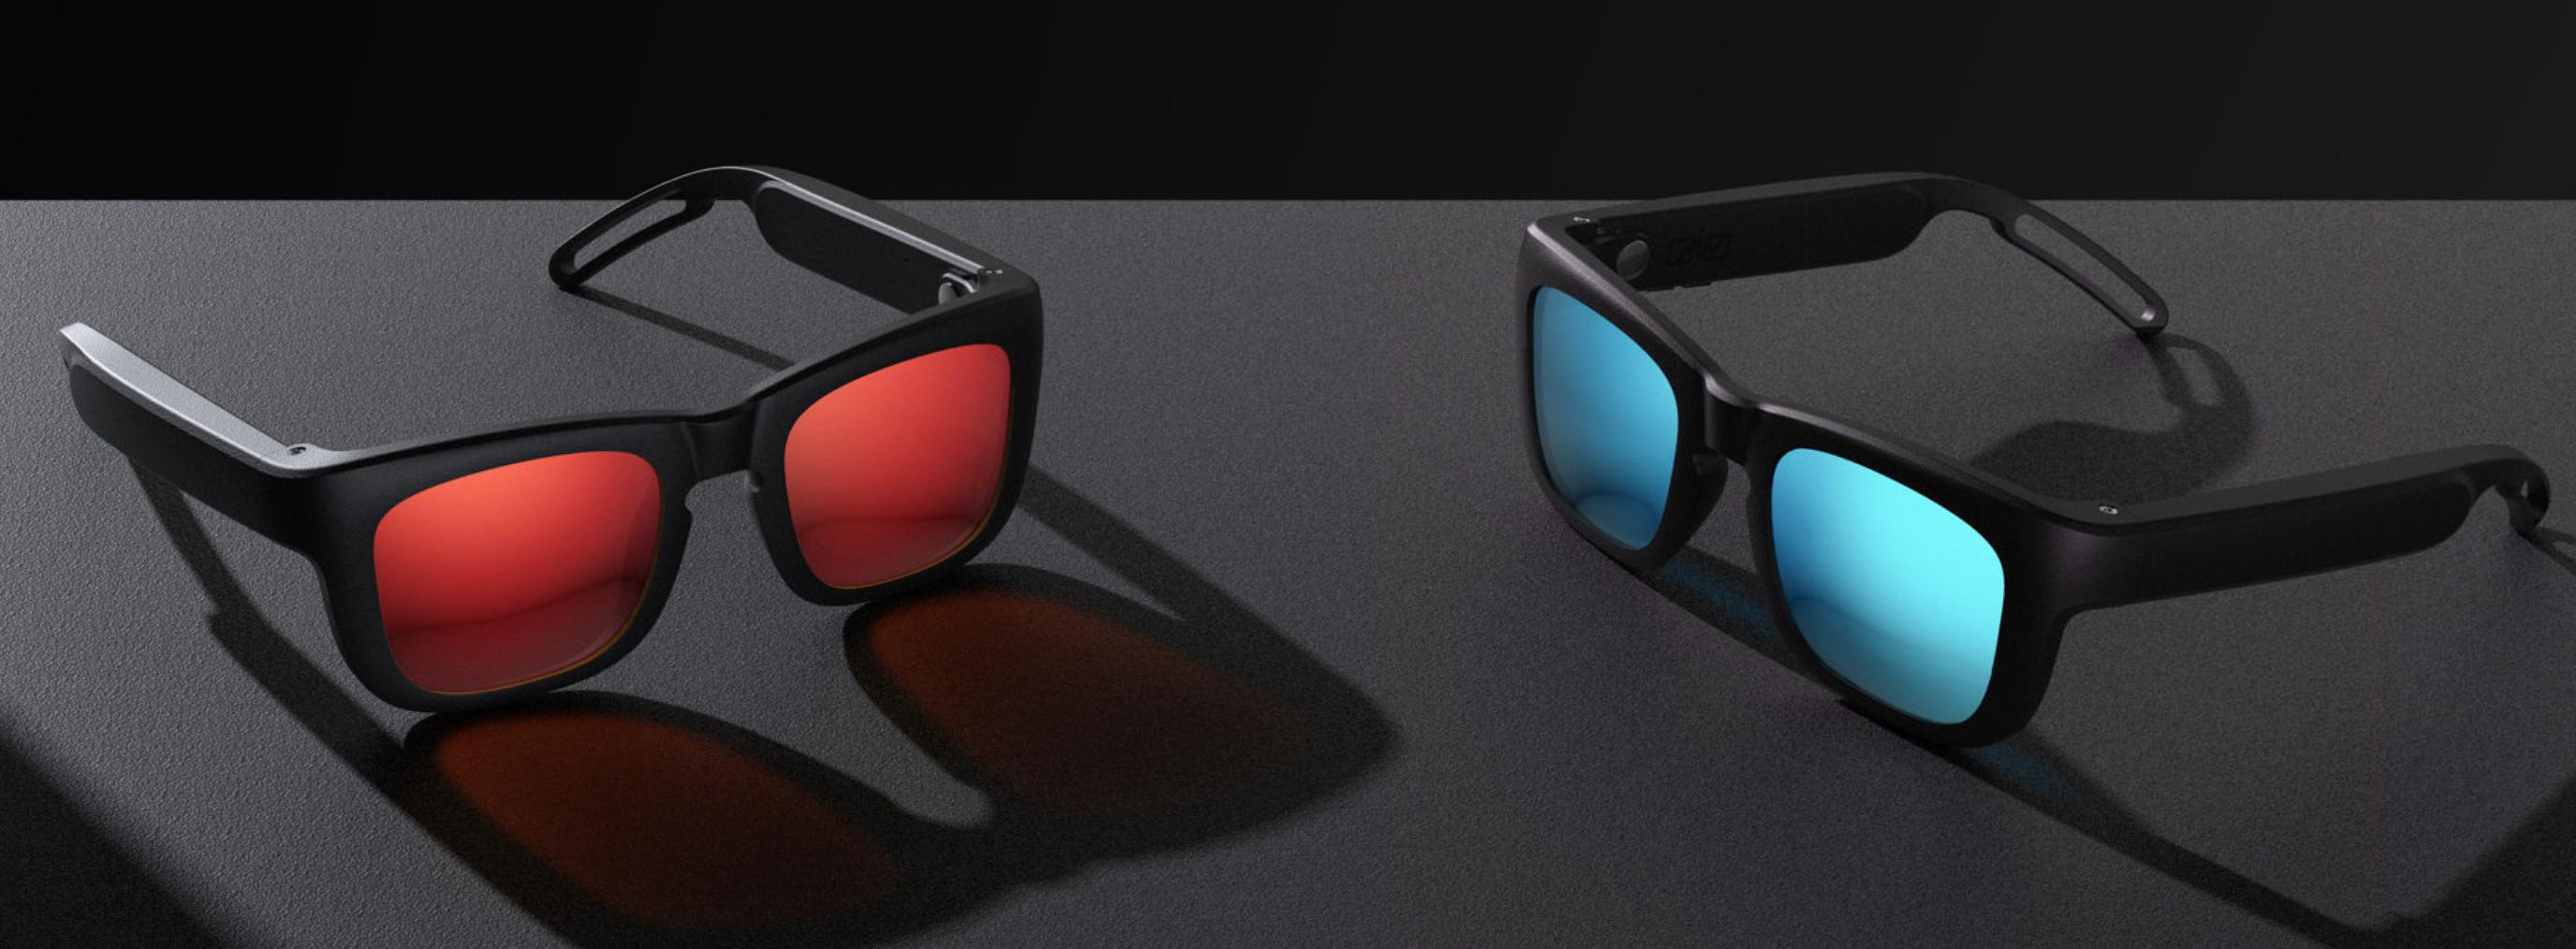 Impressionati dai Bose Frames? I nuovi occhiali Mutrics fanno altrettanto bene ma a 1/3 del costo 1